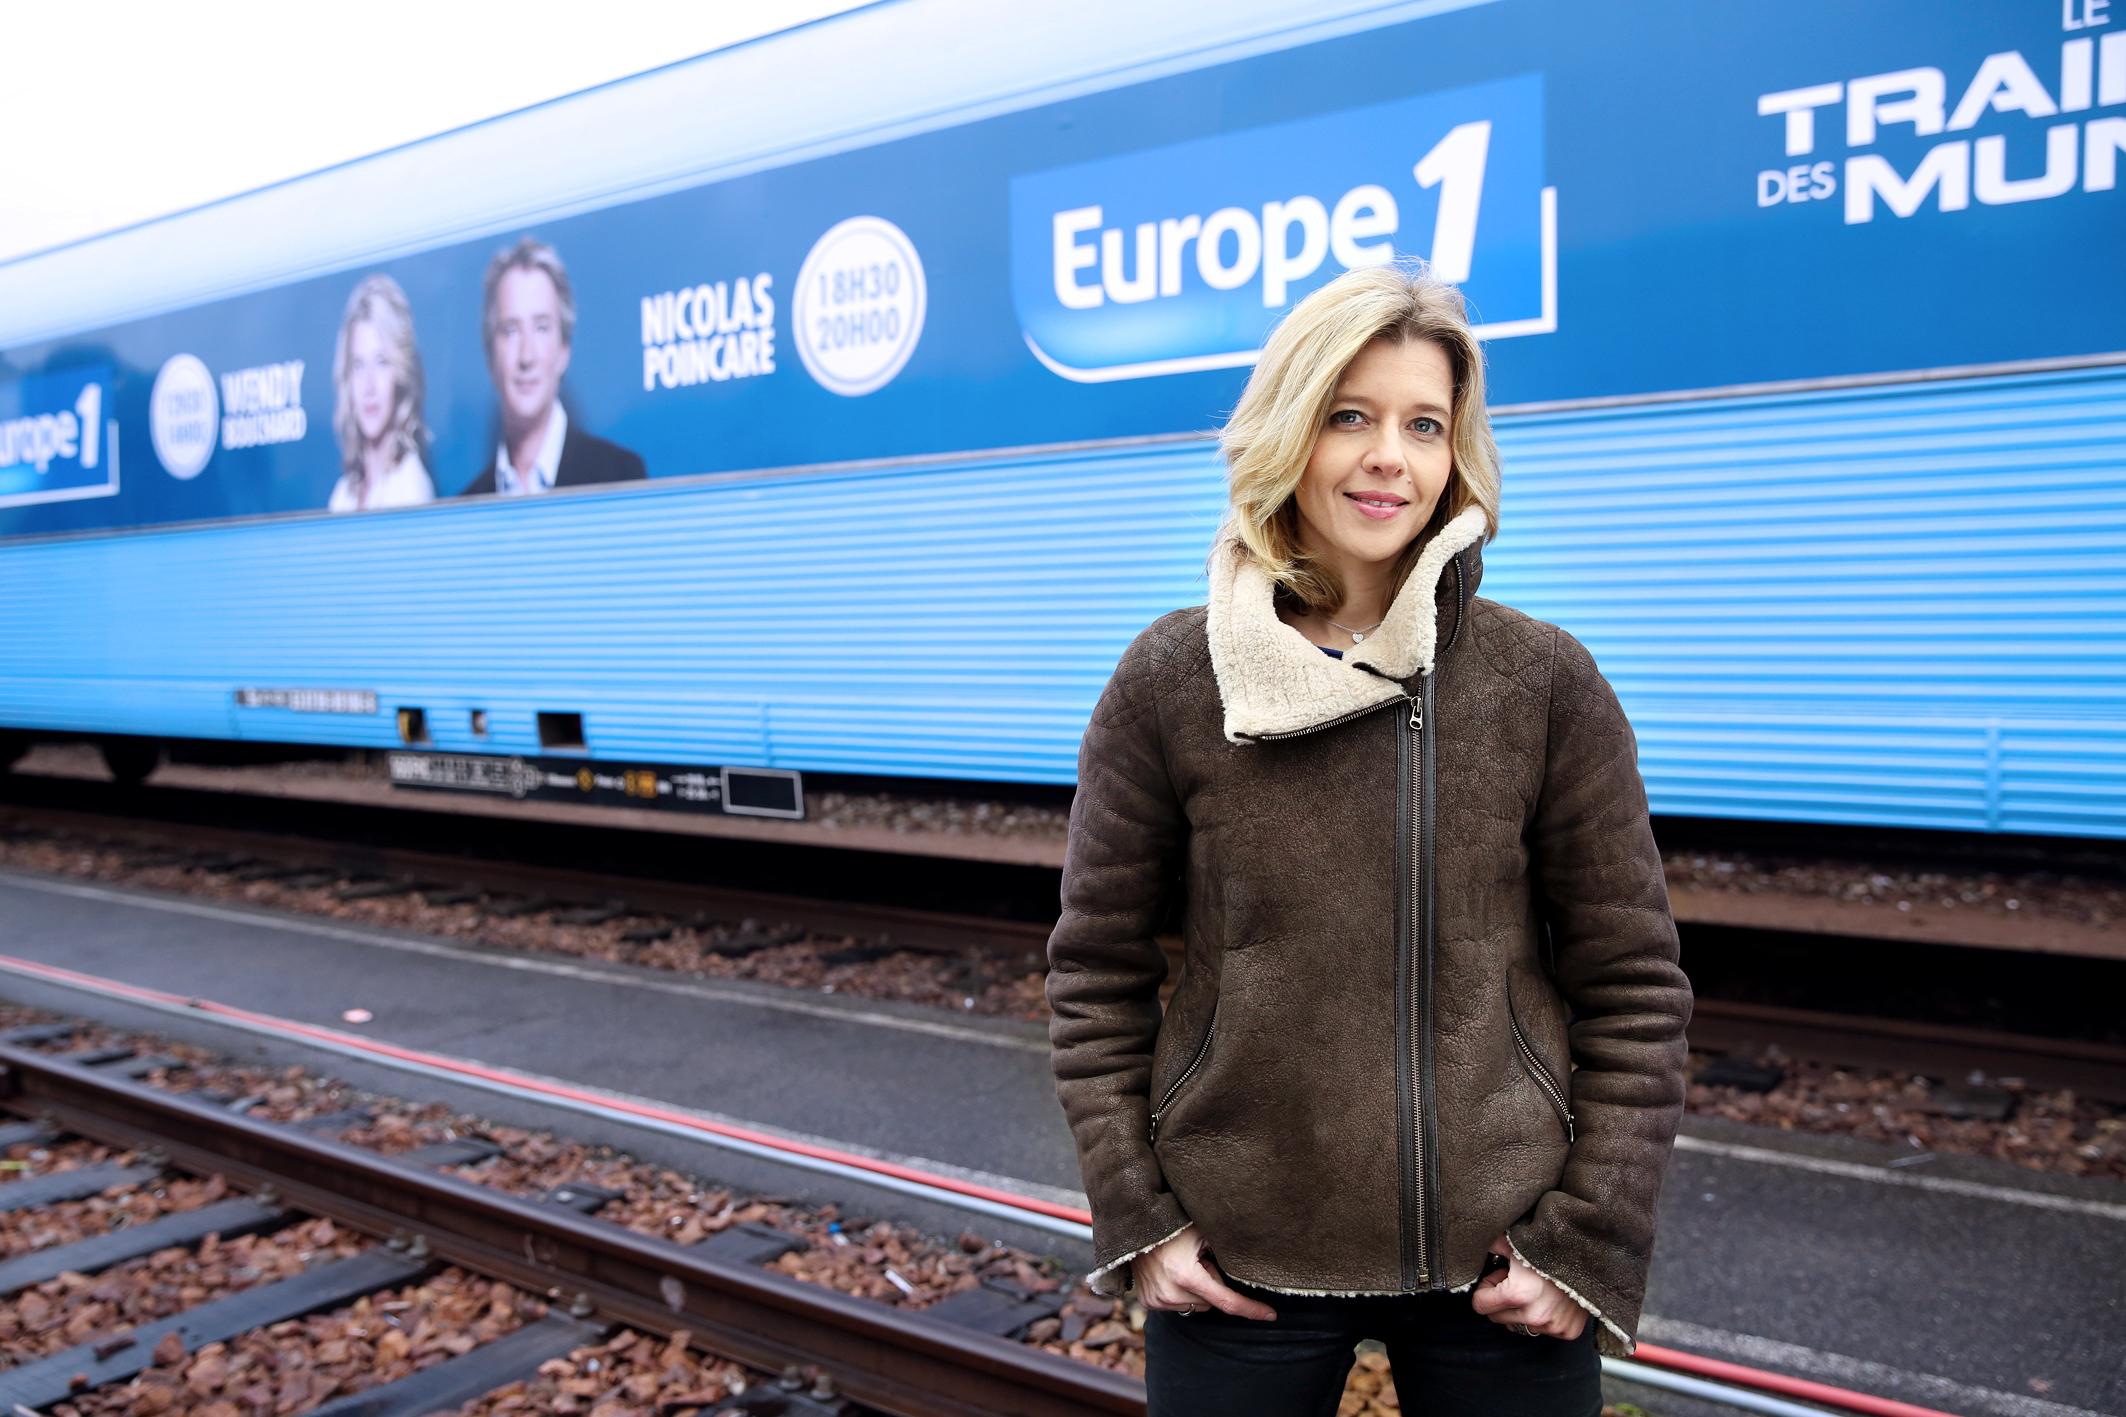 Wendy Bouchard animera sa quotidienne depuis le Train Europe 1 des Municipales